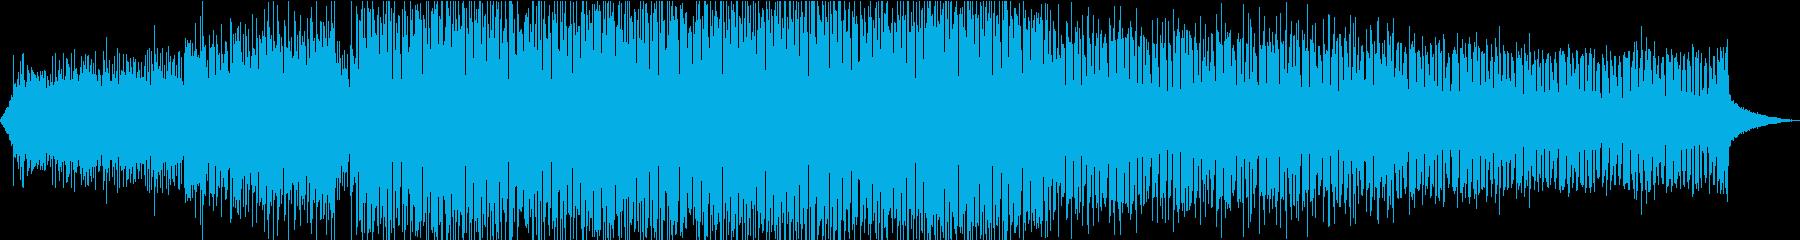 海、潮風、波の音をイメージした爽快EDMの再生済みの波形